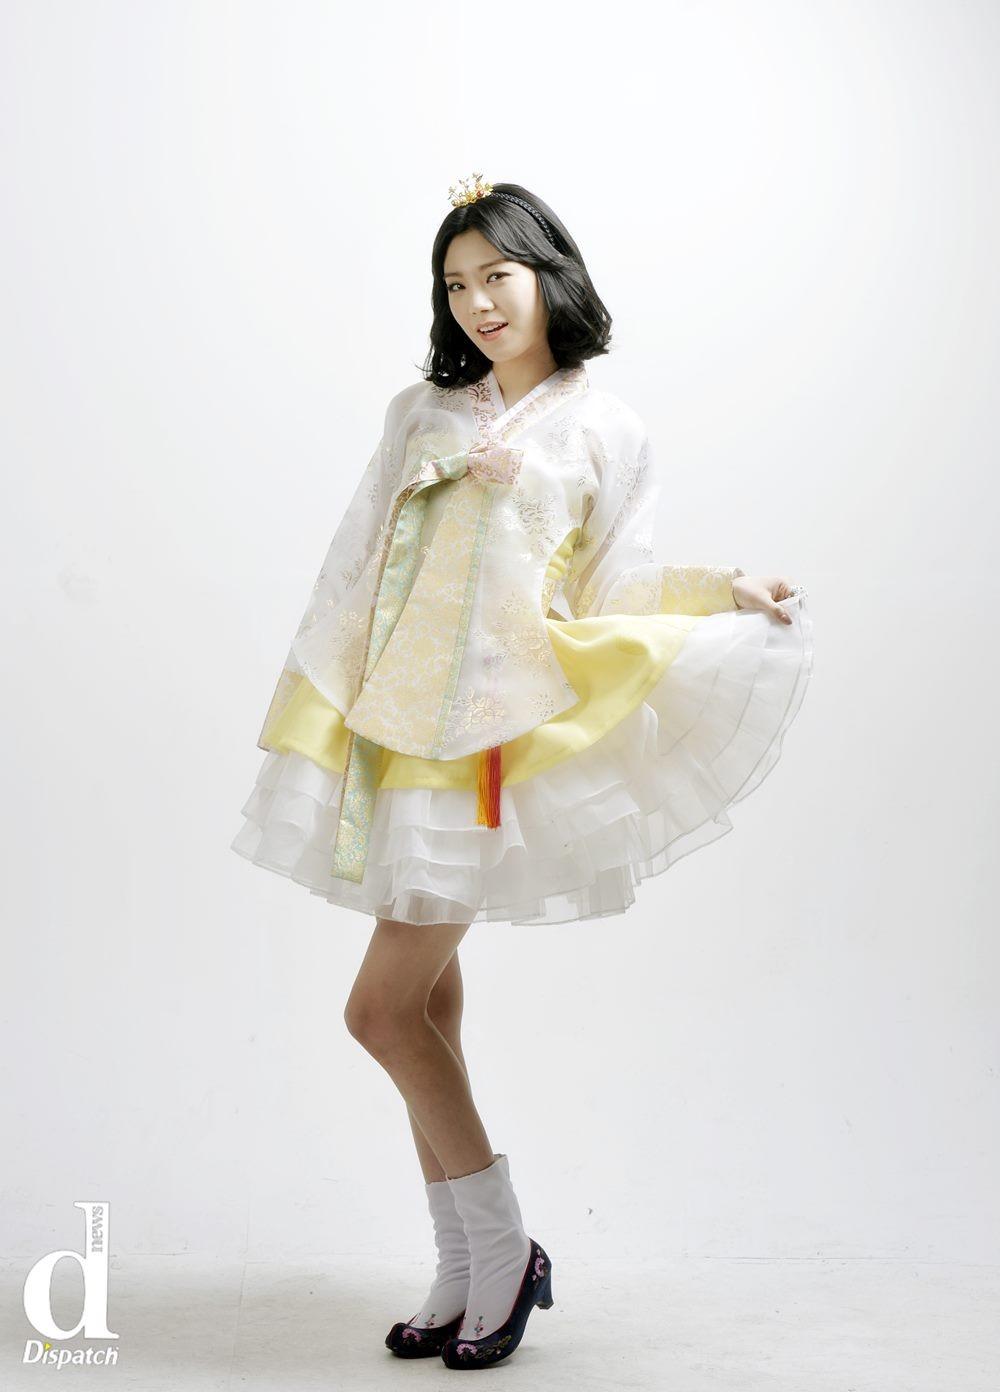 sao han xung xinh dien hanbok don tet - 5